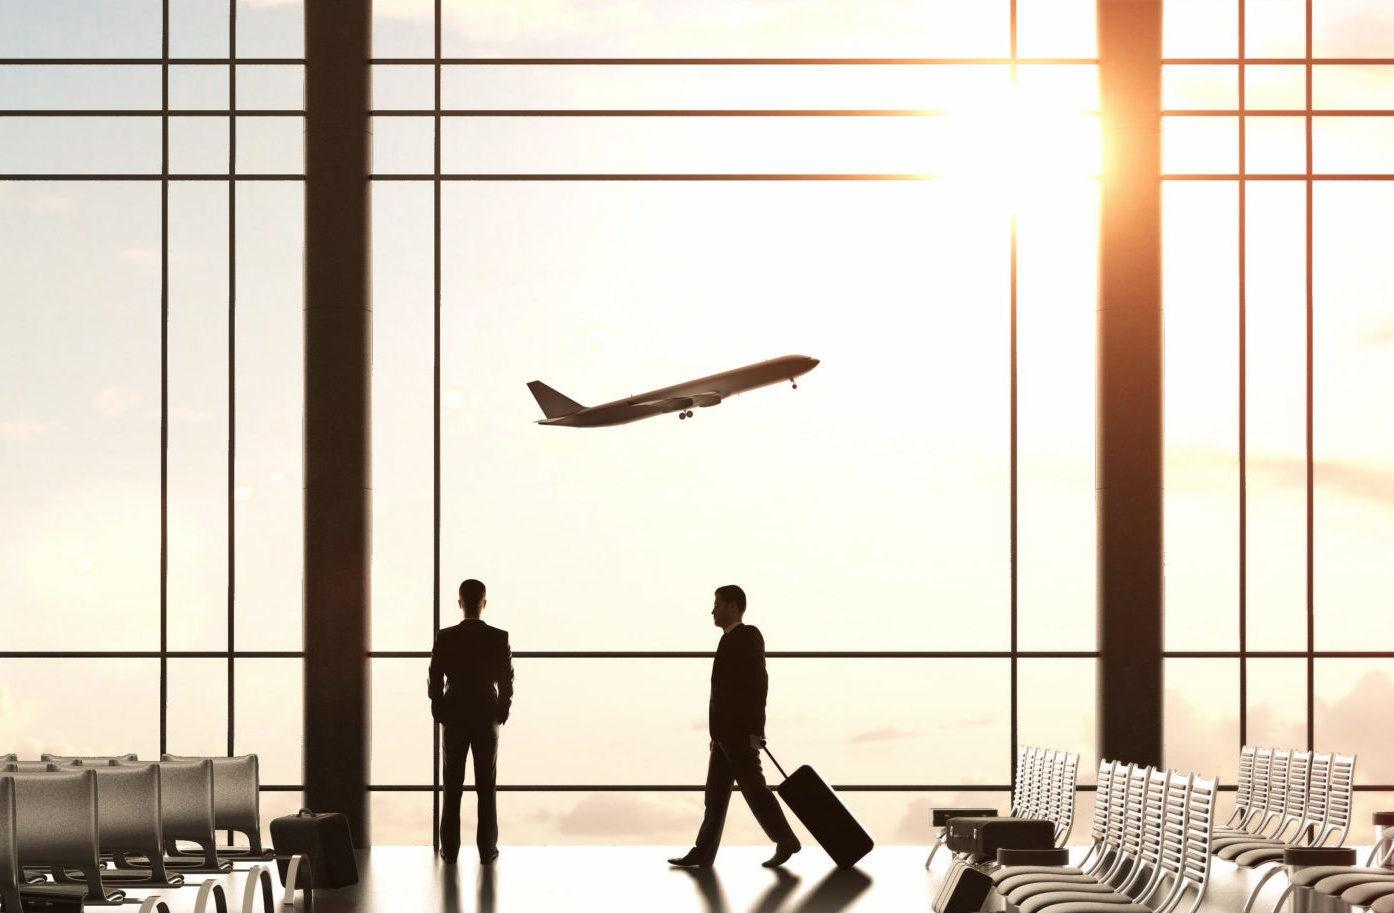 Intérieur d'un aéroport